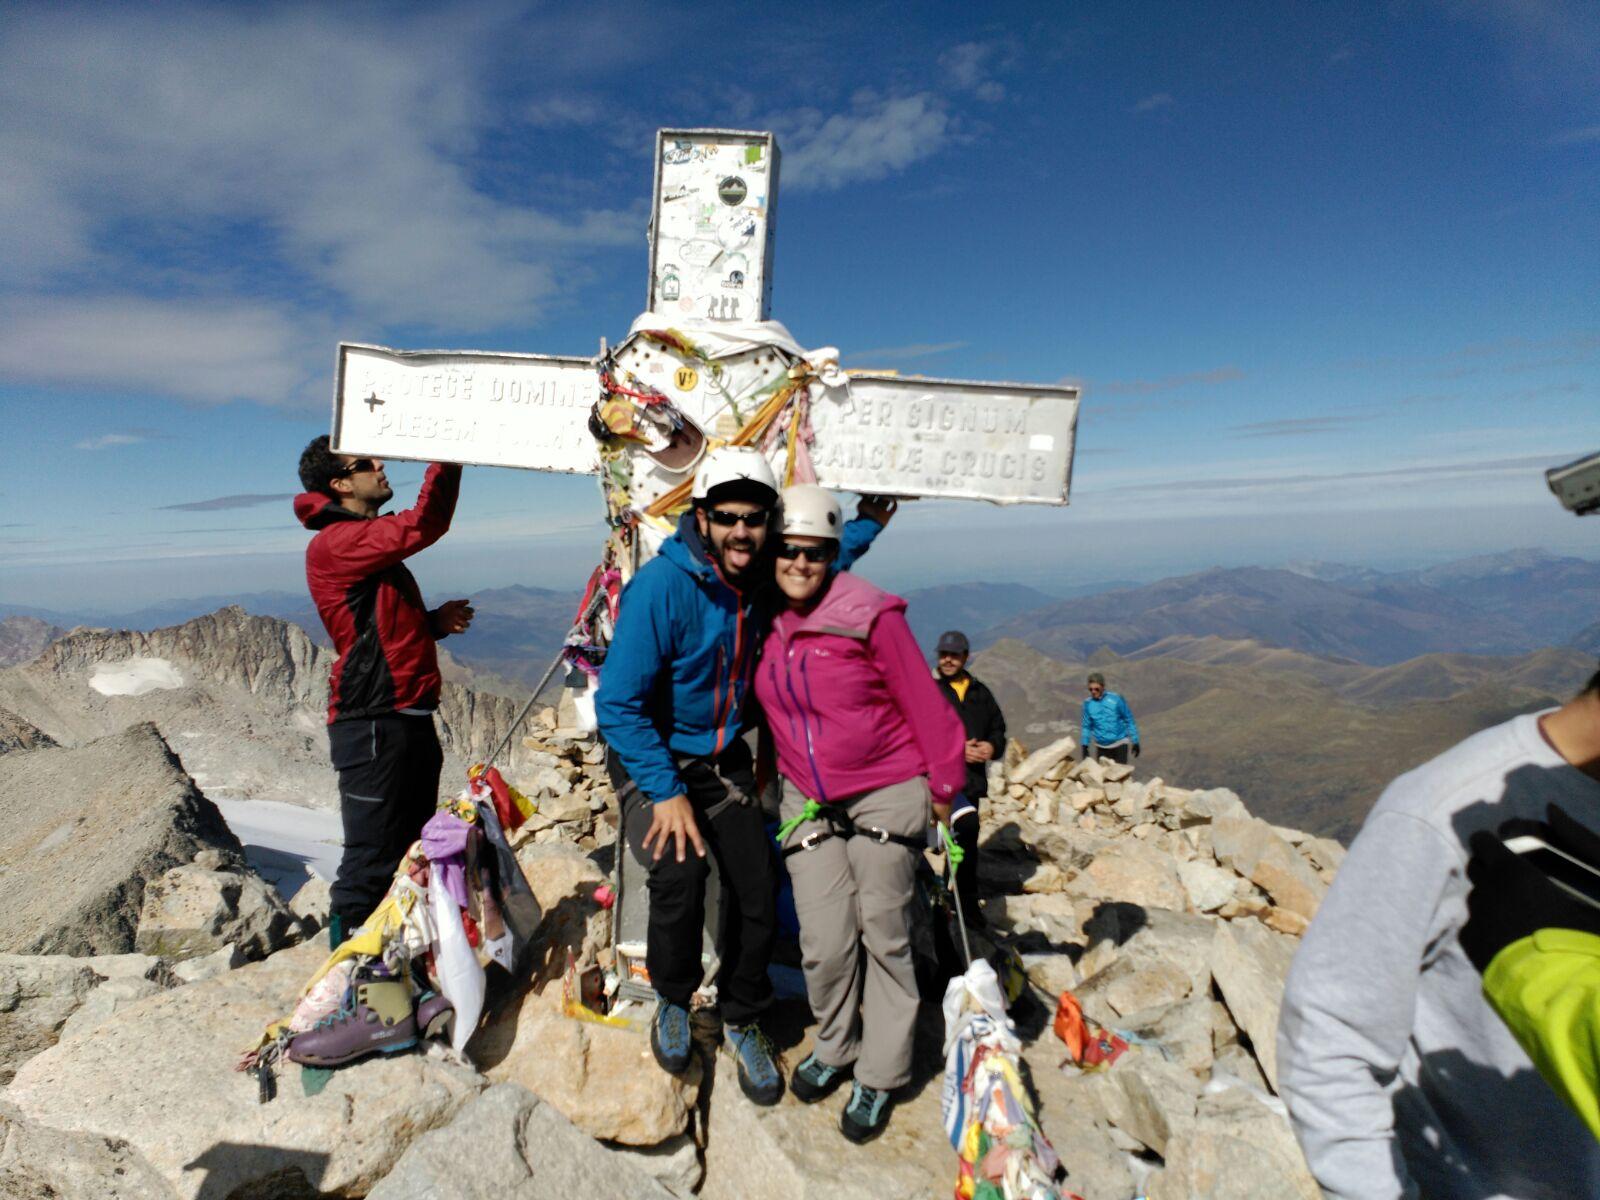 Ascenso al Aneto en el día. La cumbre más alta del PIrineo